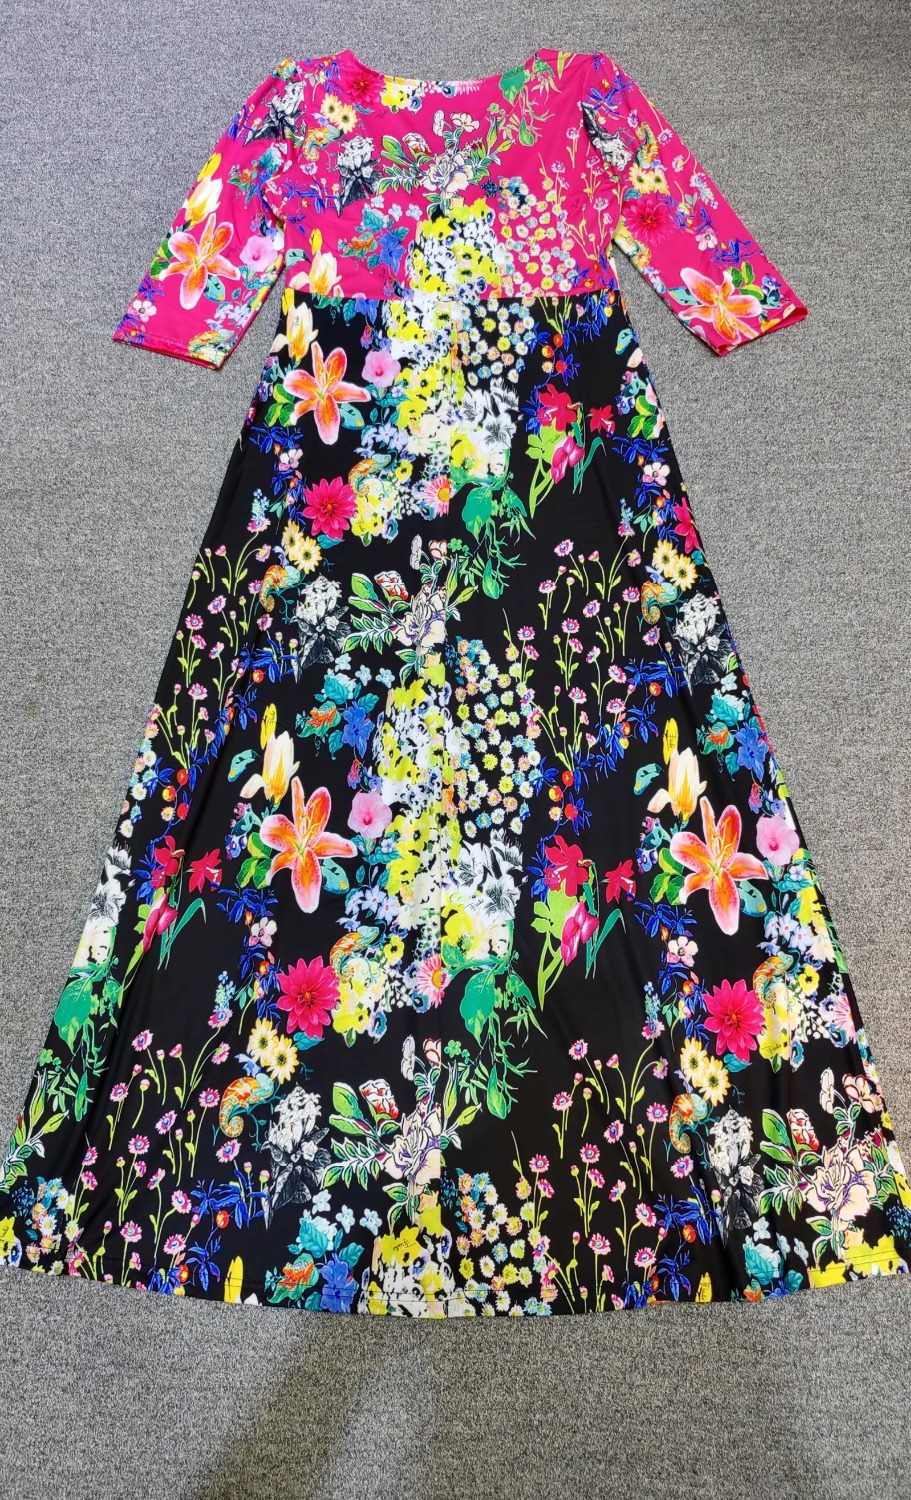 Robe Longue Femmes Col Nouvelle Jersey De Manches Superbe Élastique V Imprimé Arrivée 1207ep733c Demi 2018 CCgw4vq